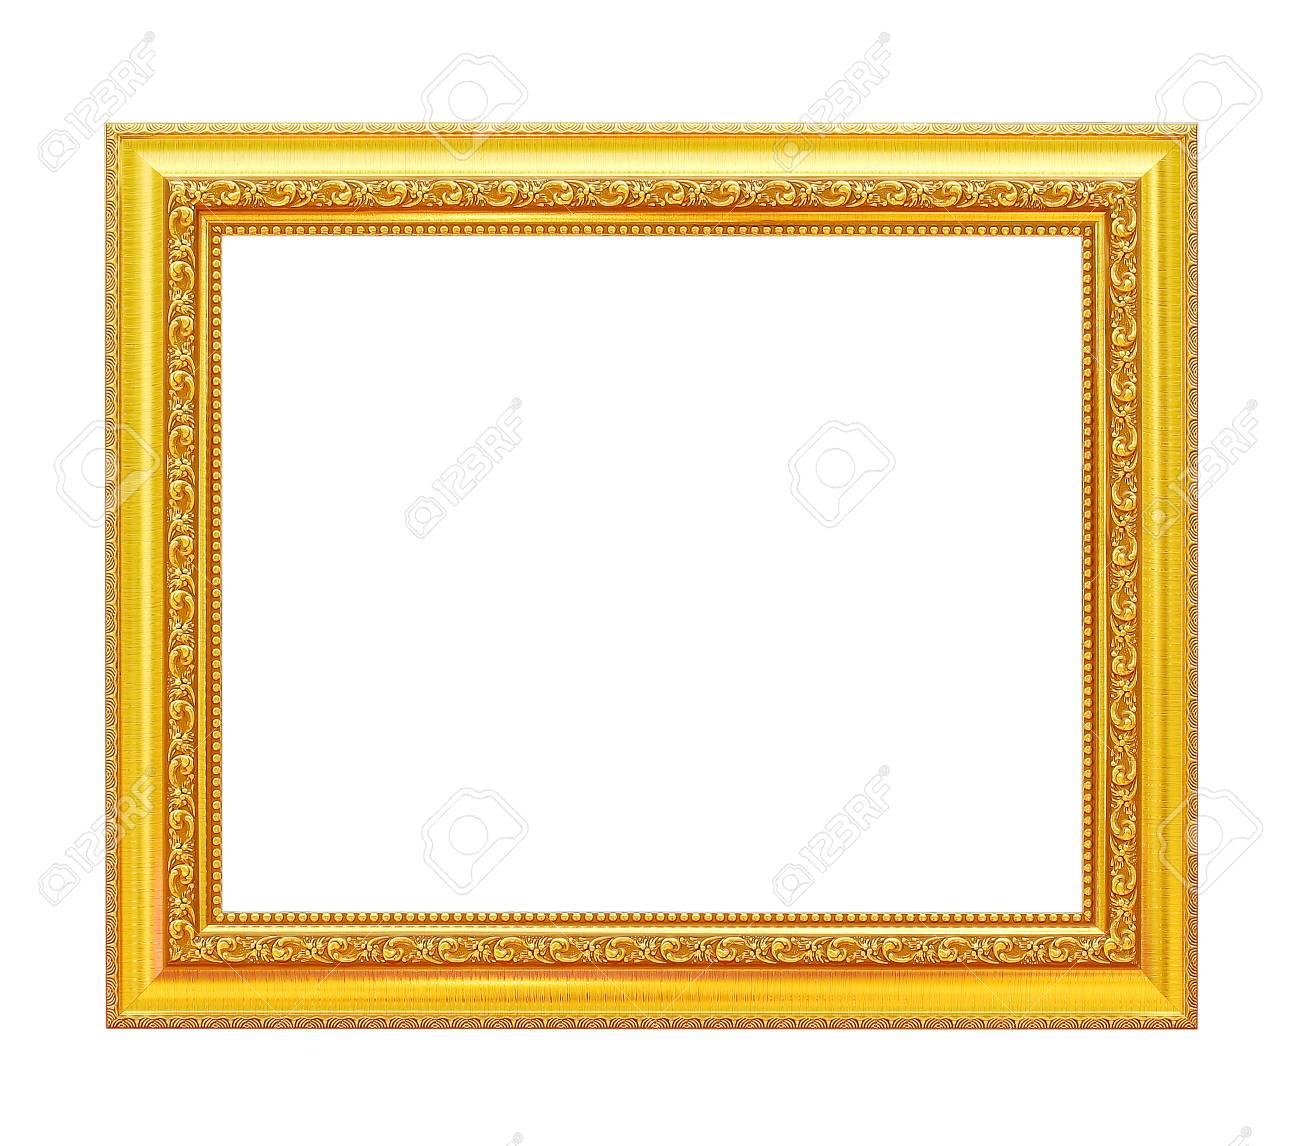 Gold Frame. Gold / Vergoldet Kunsthandwerk Muster Bilderrahmen ...